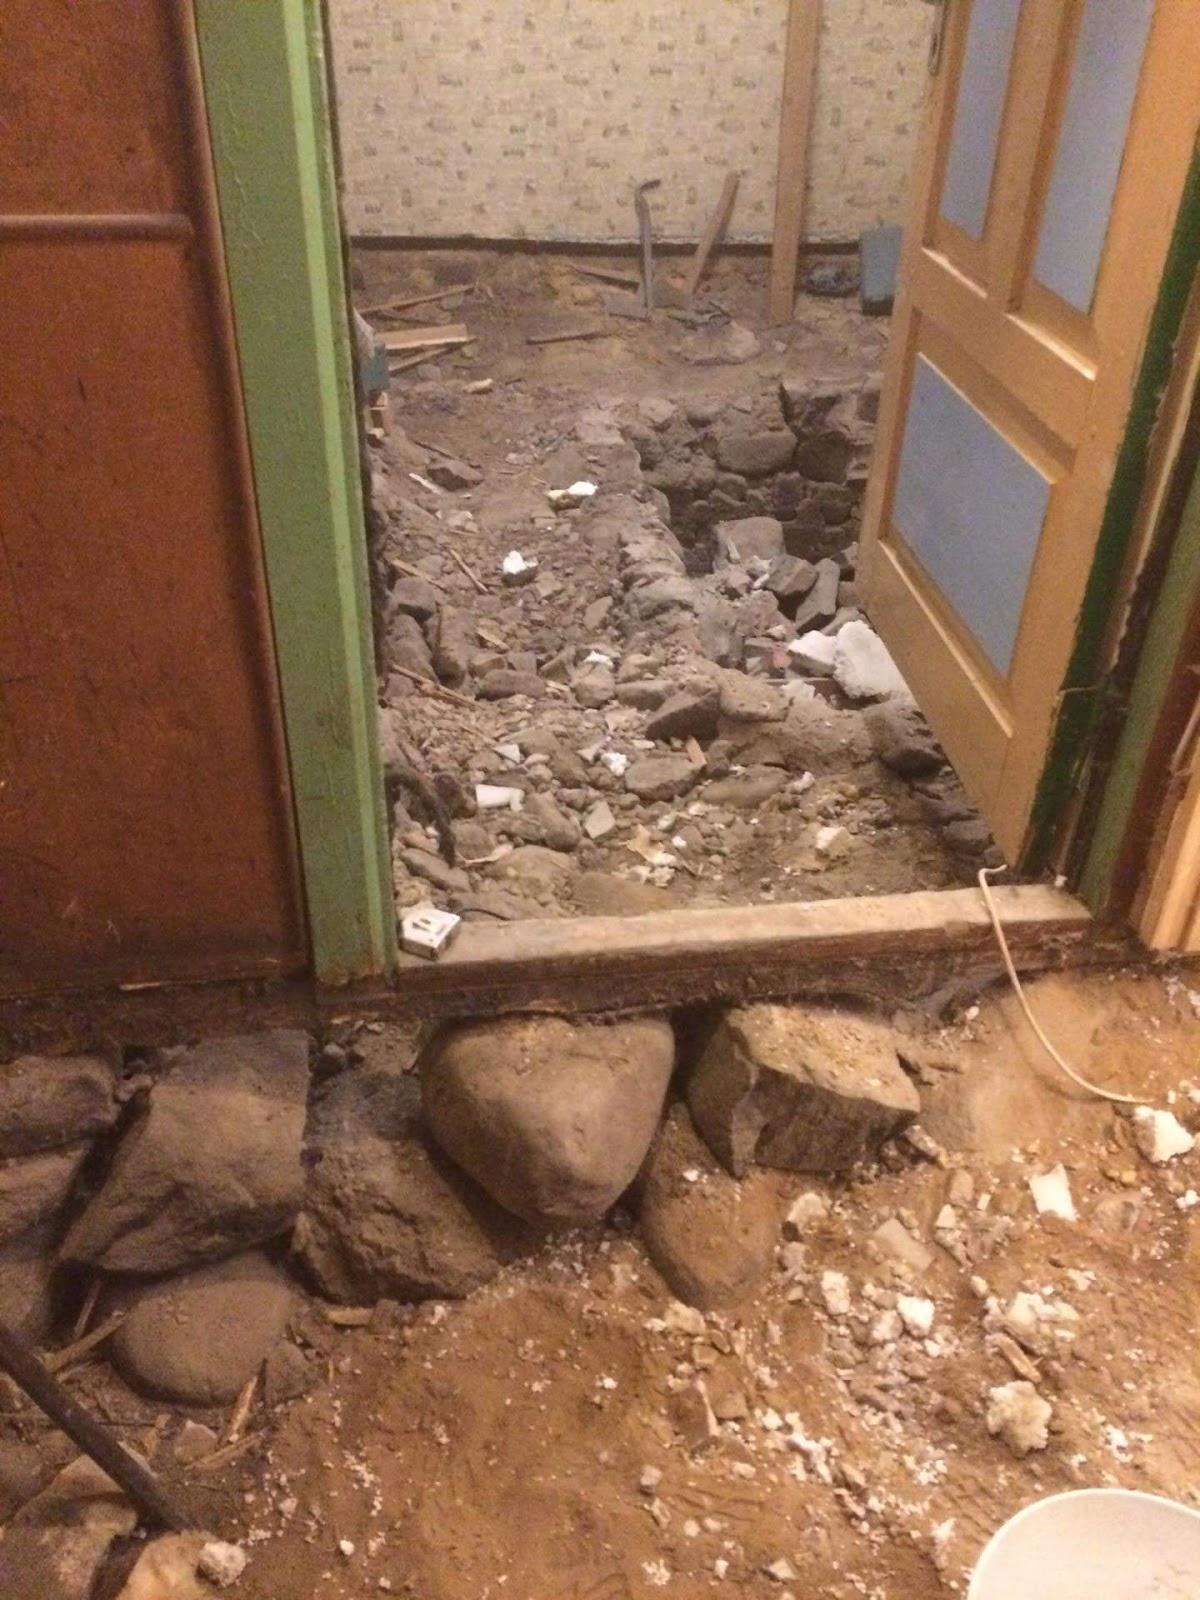 89a4b94f136 Olen mina nüüd juba neljandat päeva Haapsalus. Suht kindlalt võin öelda, et  kui mu kodu praegu üleskaevatud poleks, siis oleksin juba kodus tagasi.